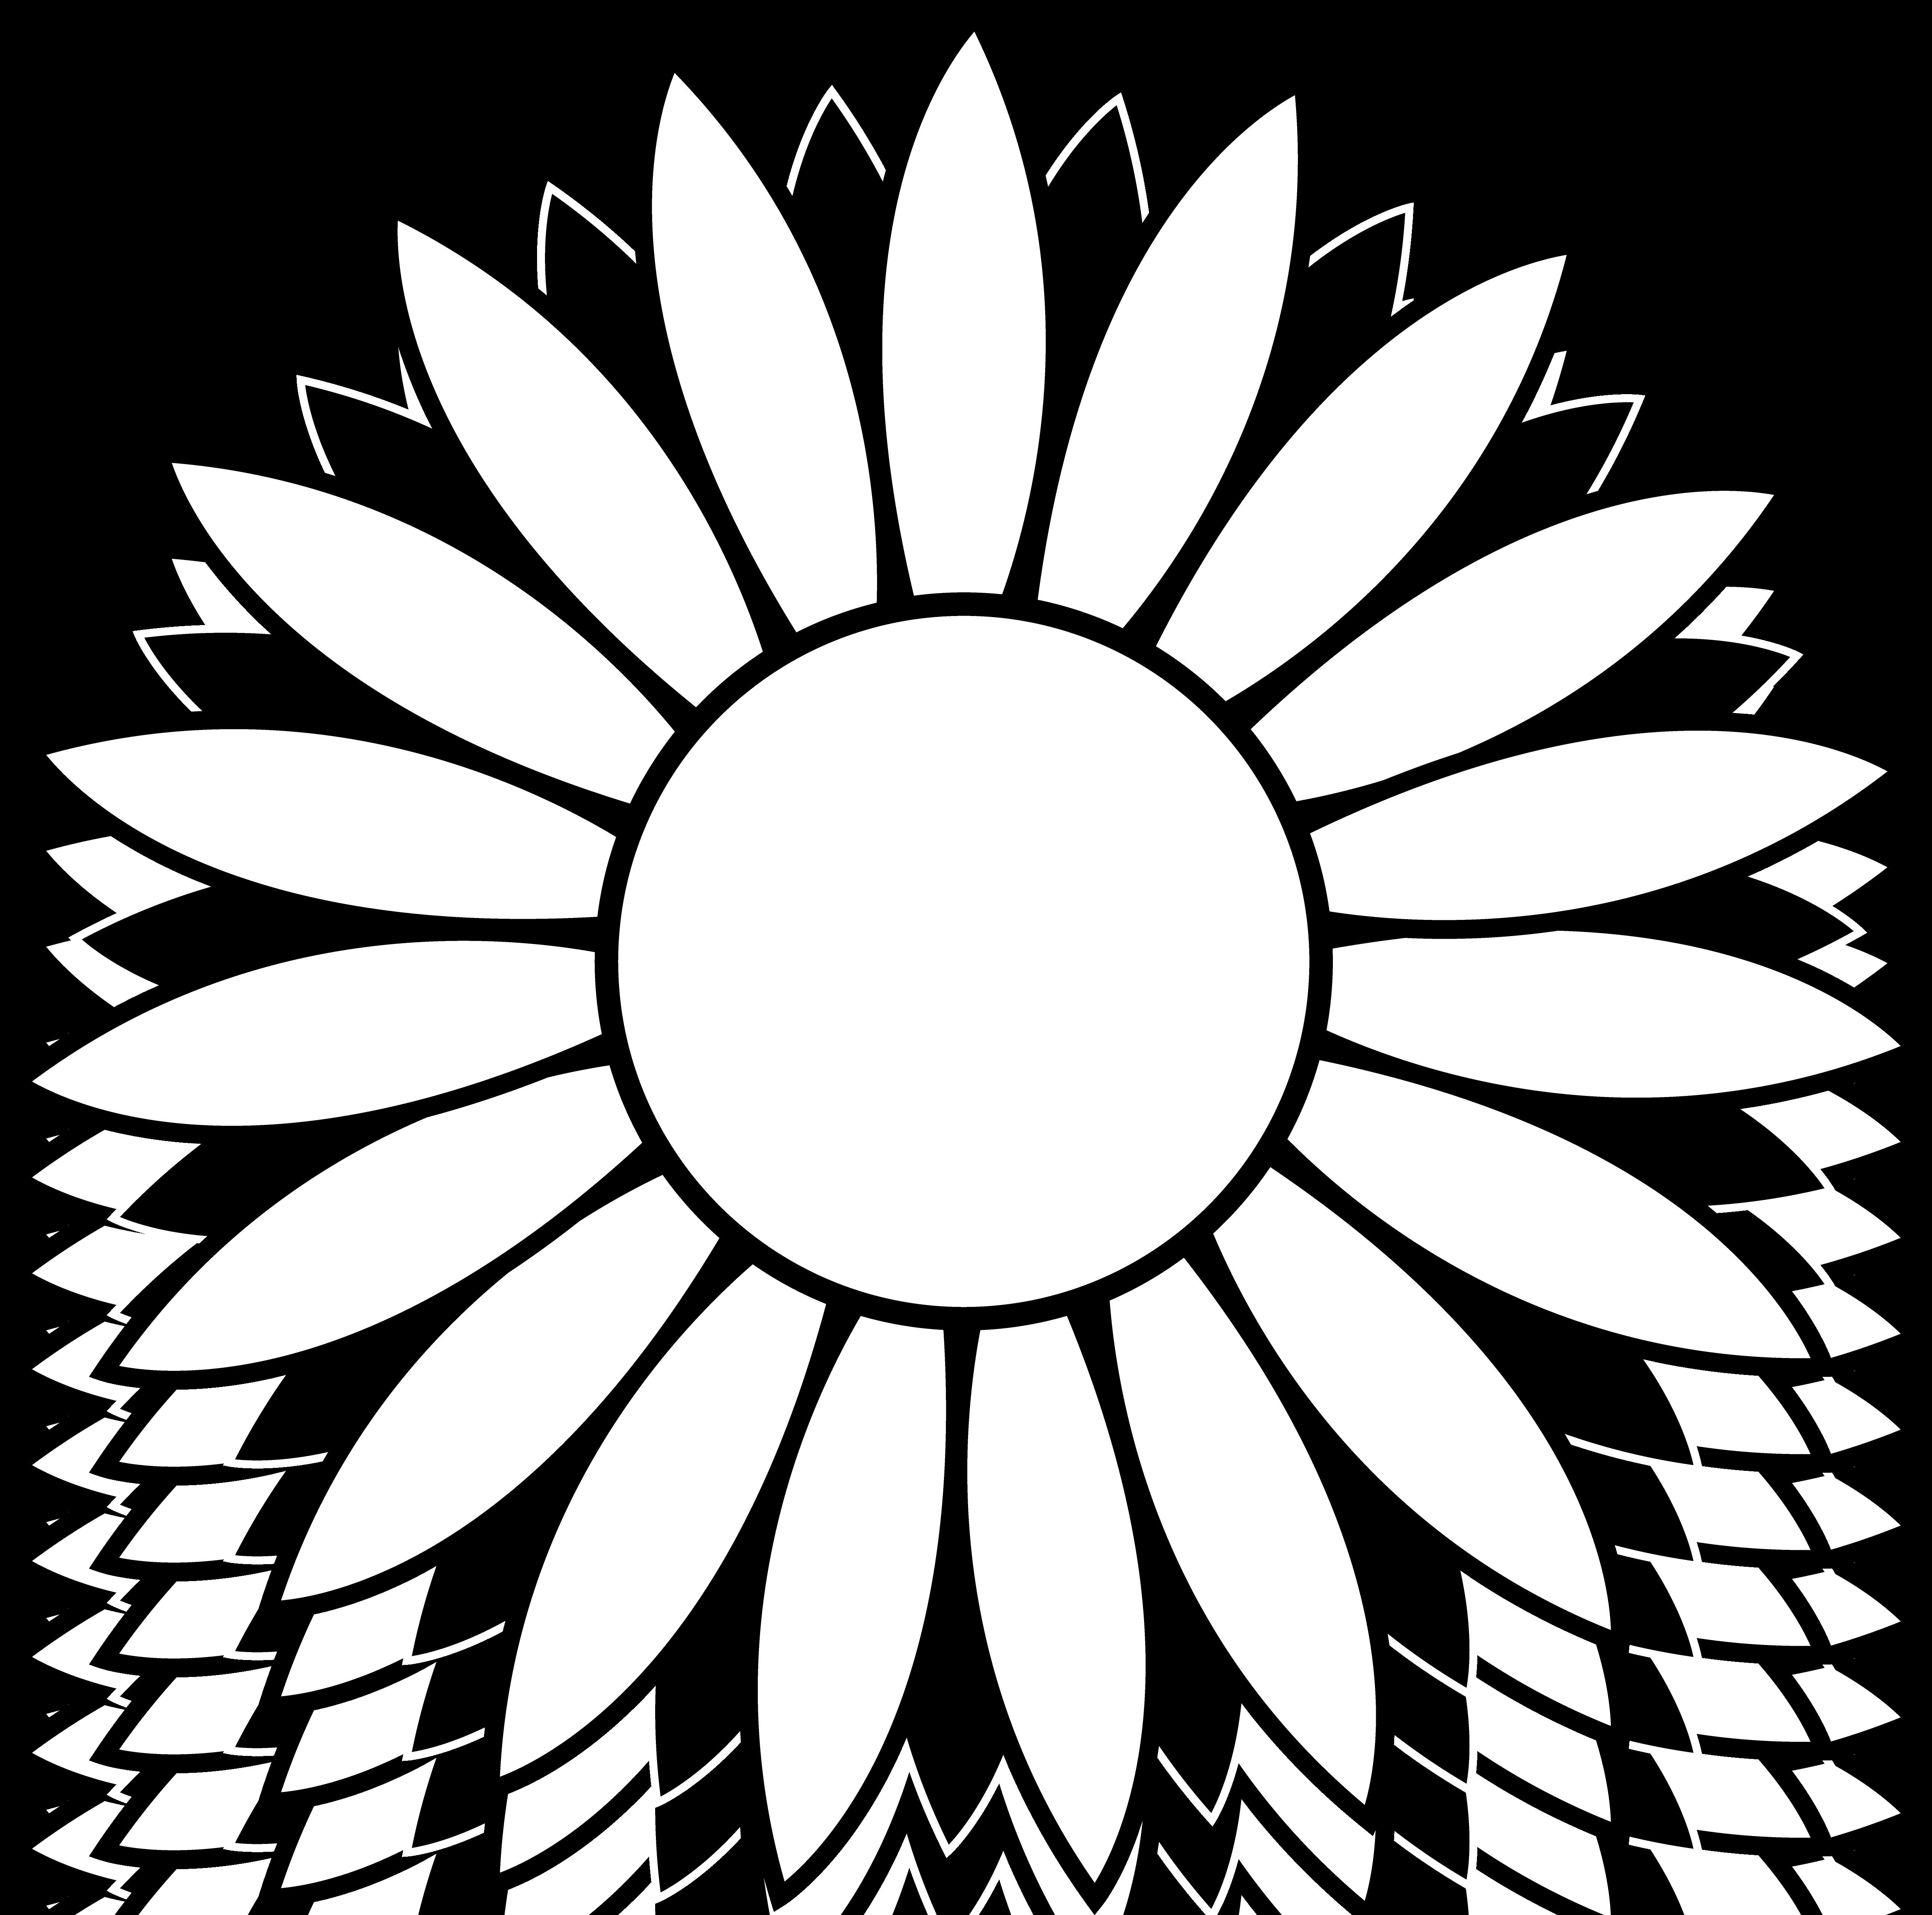 5137x5092 Black And White Flower Design